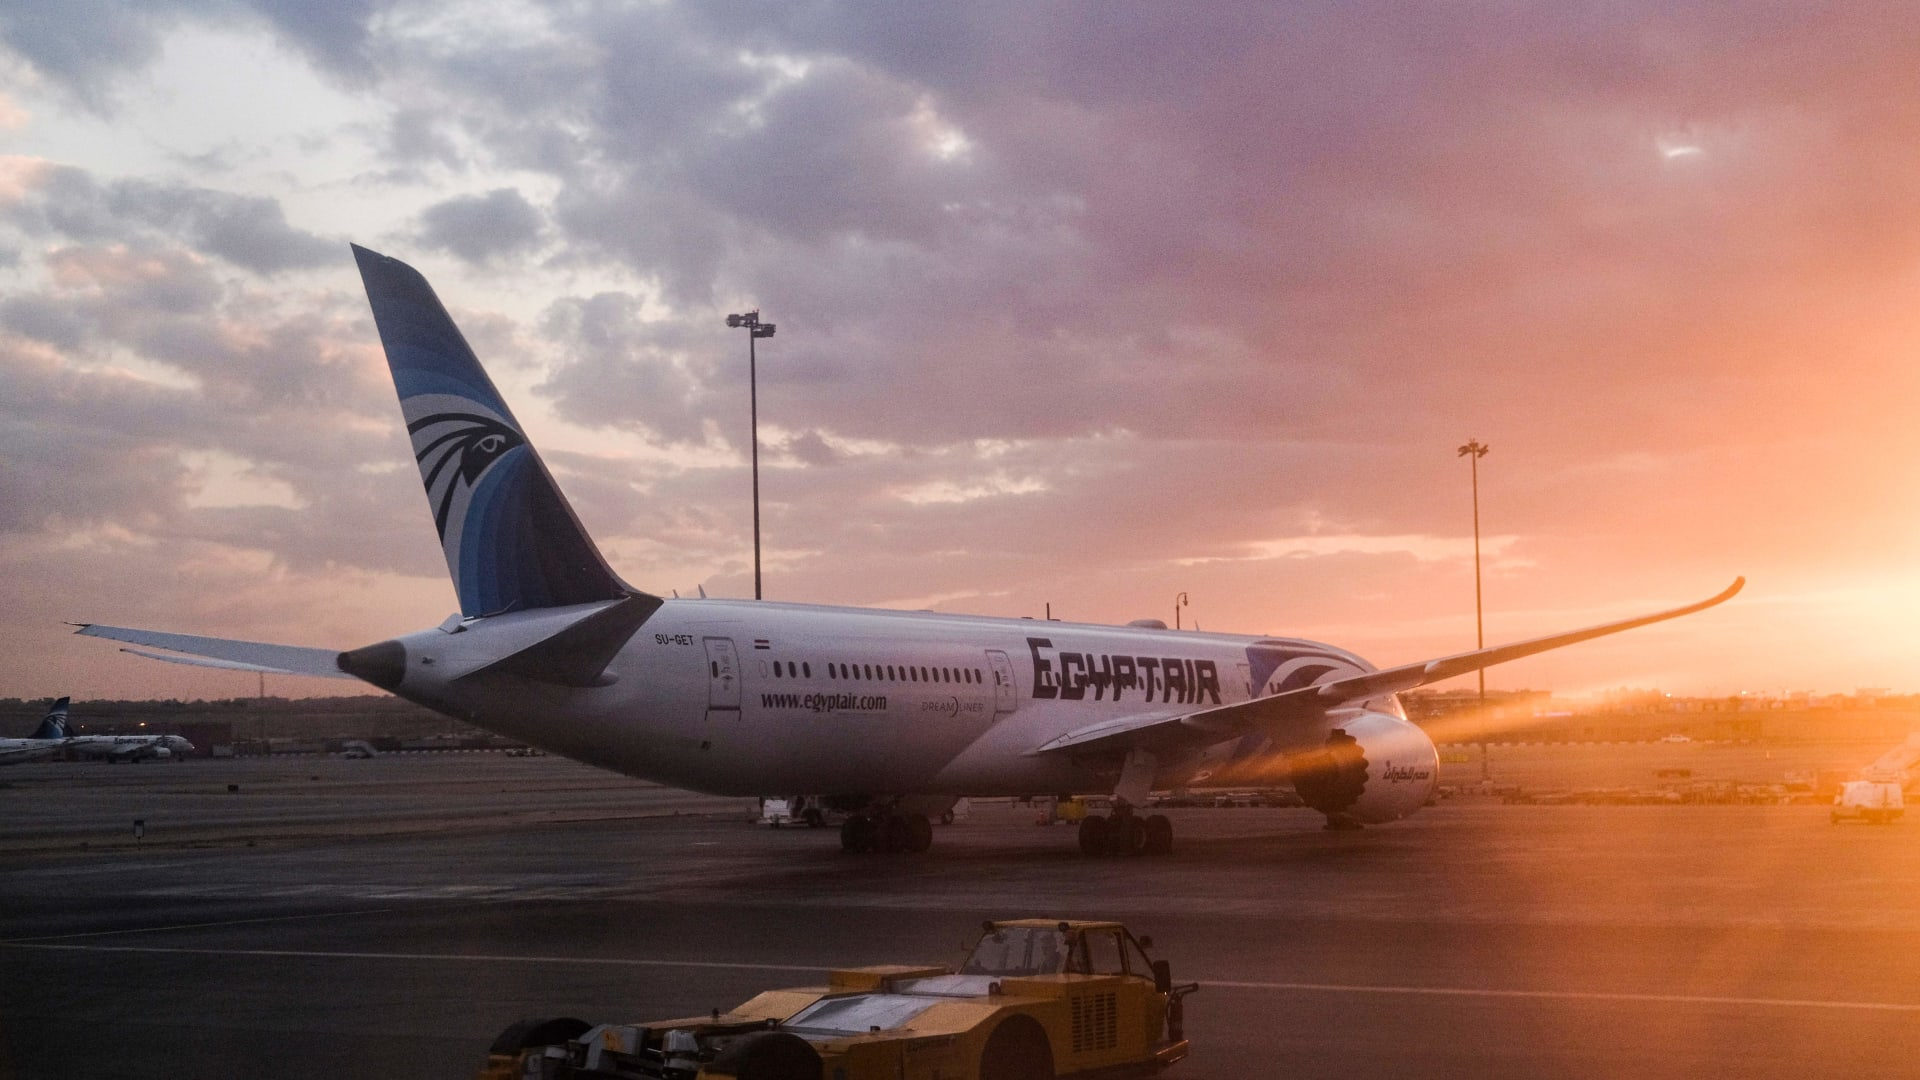 مصر للطيران تعلن قرارا جديدا بشأن الرحلات إلى الكويت في ظل كورونا